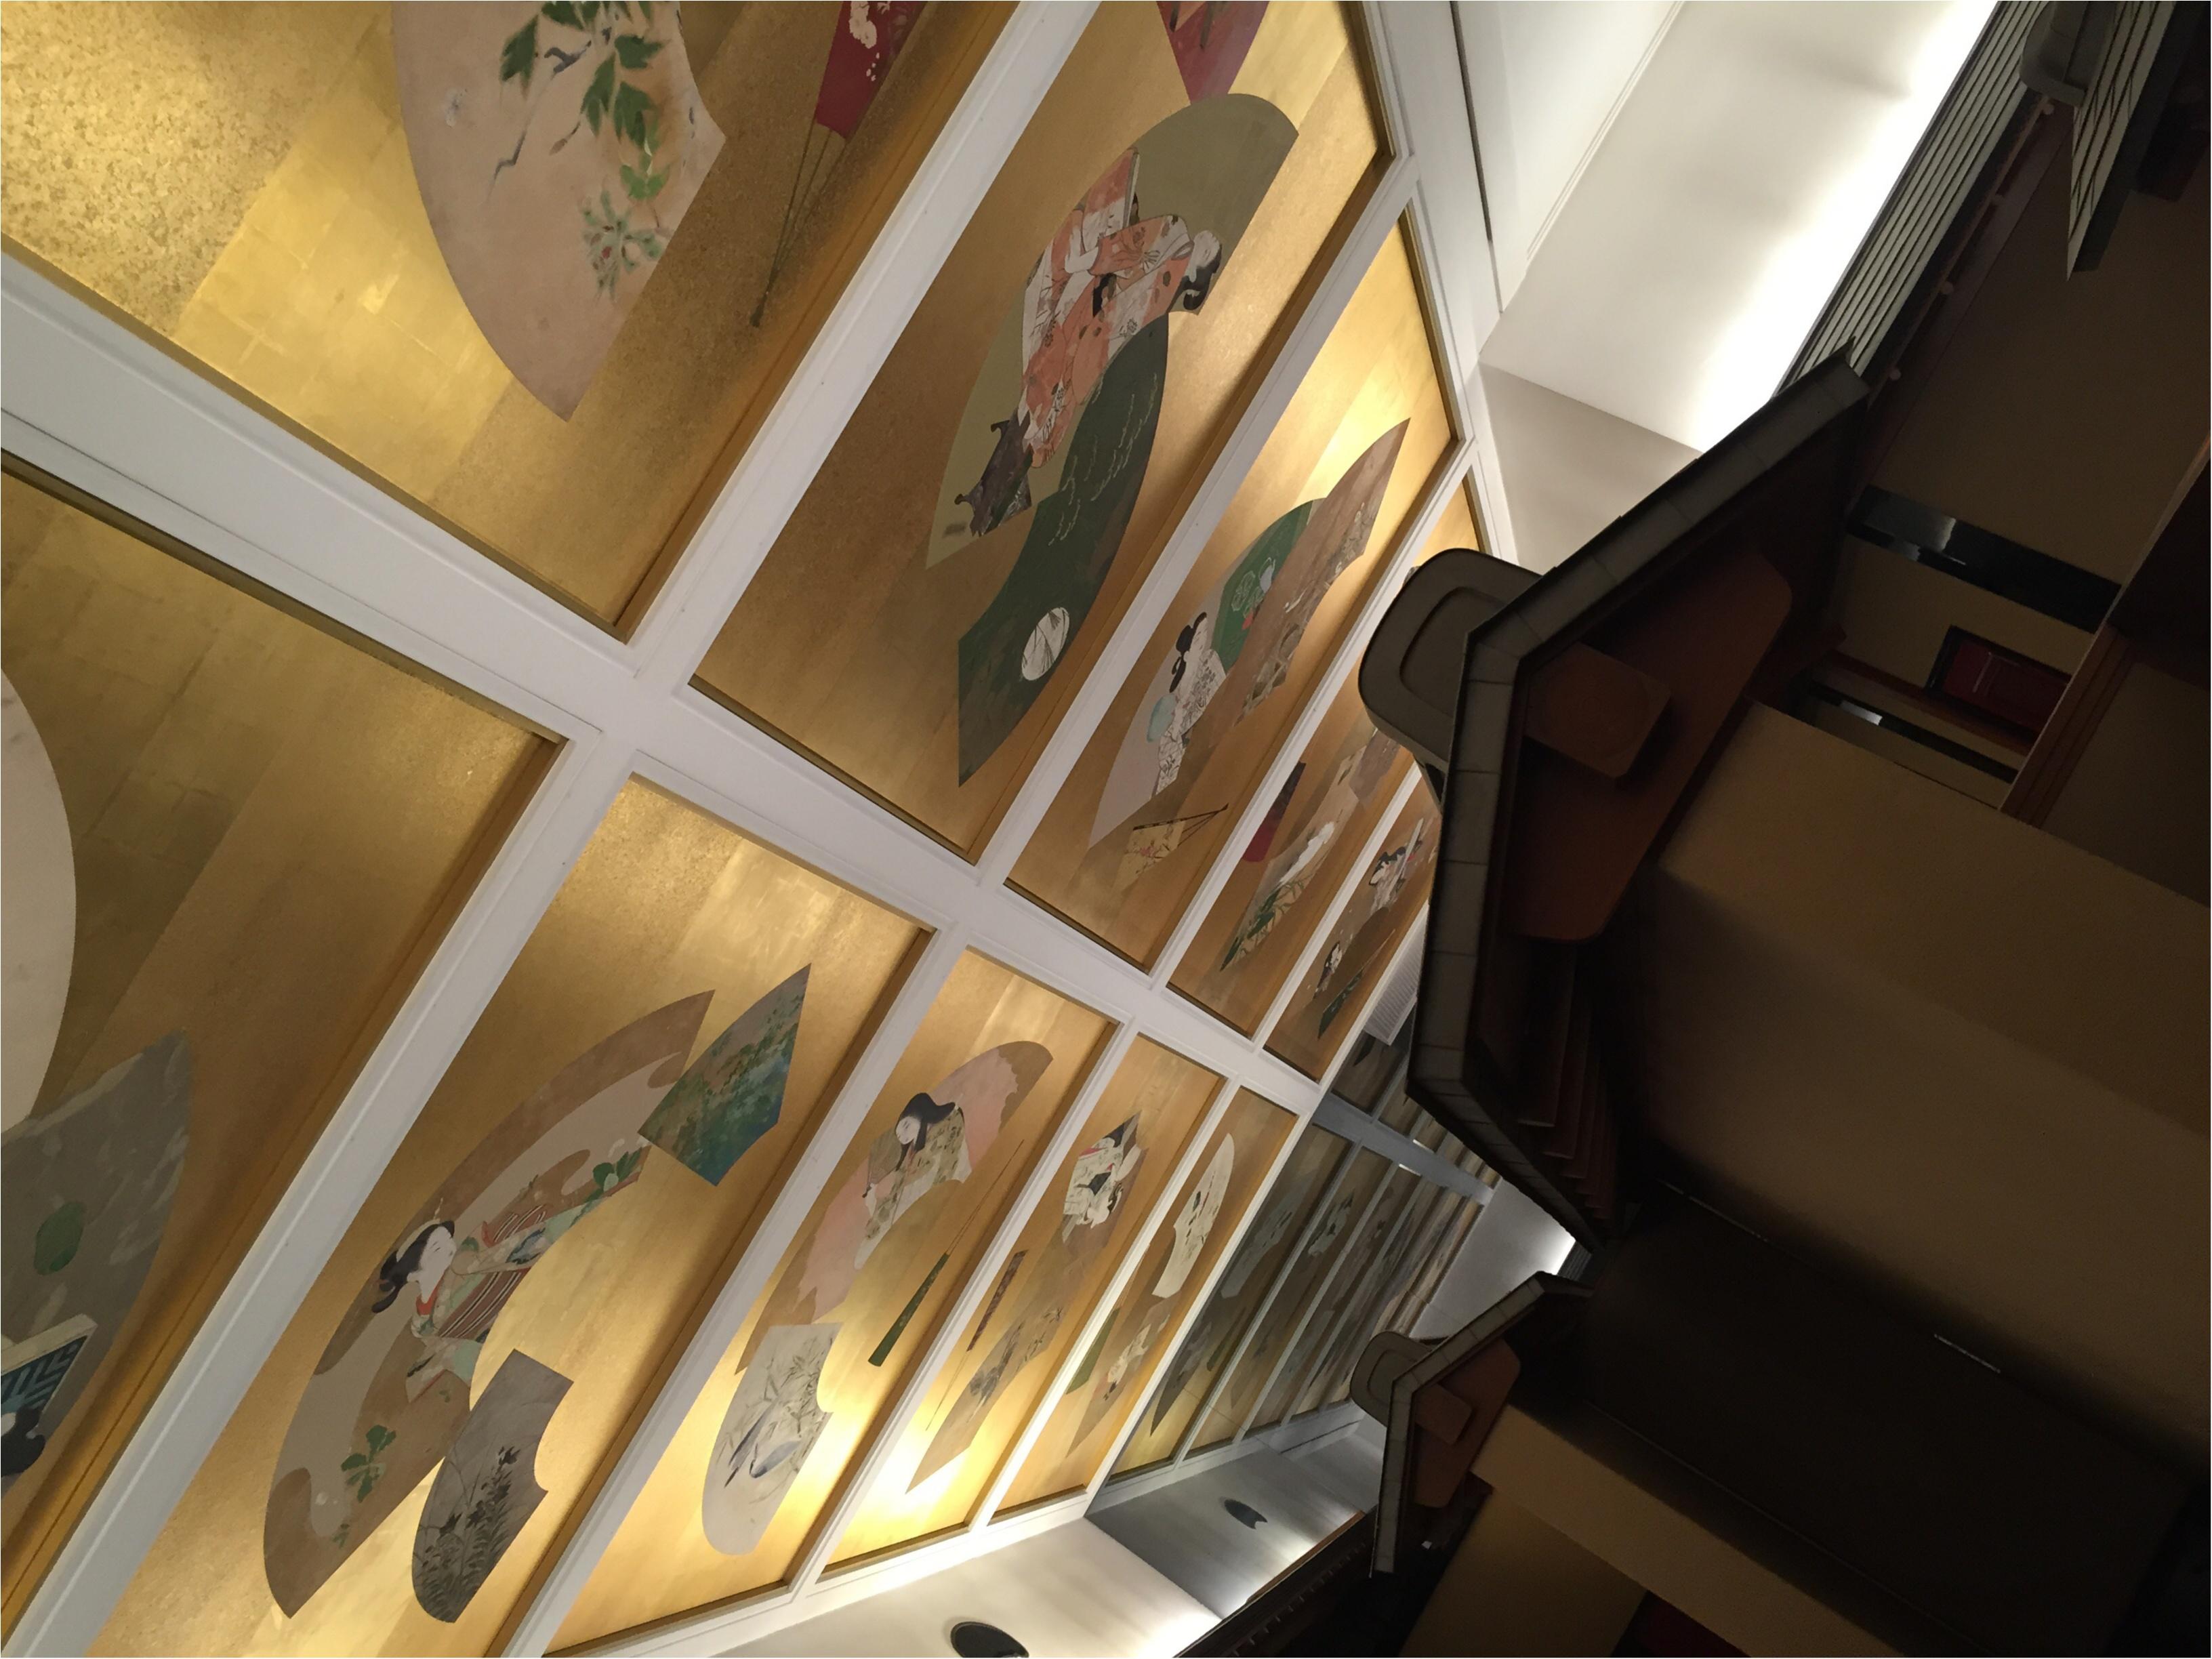 ♡目黒の雅叙園は結婚式だけじゃない!?アートイルミネーションが楽しめる百段階段!!♡_9